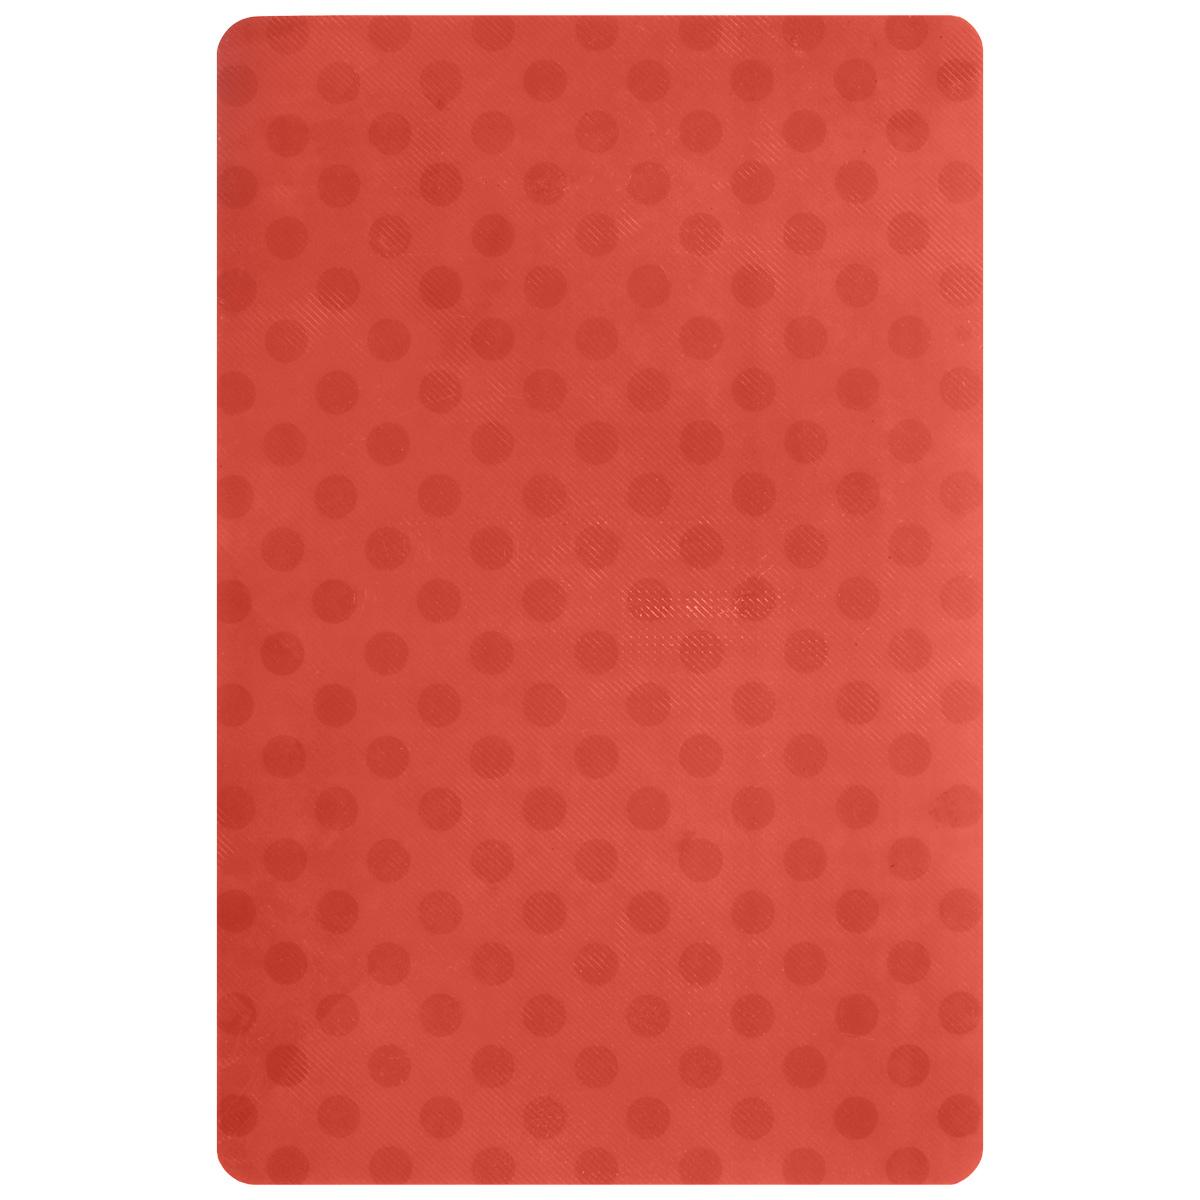 Термосалфетка Home Queen Горошек, цвет: красный, черный, 43 см х 28 см57453 красный в горошекТермосалфетка Home Queen Горошек, изготовленная из полипропилена, это отличная идея для сервировки! Она защищает поверхность стола от воздействия температур, влаги и загрязнений, а также украшает интерьер. Может использоваться для детского творчества (рисования, лепки из пластилина) в качестве защитного покрытия, подставки под вазы, кухонные приборы.